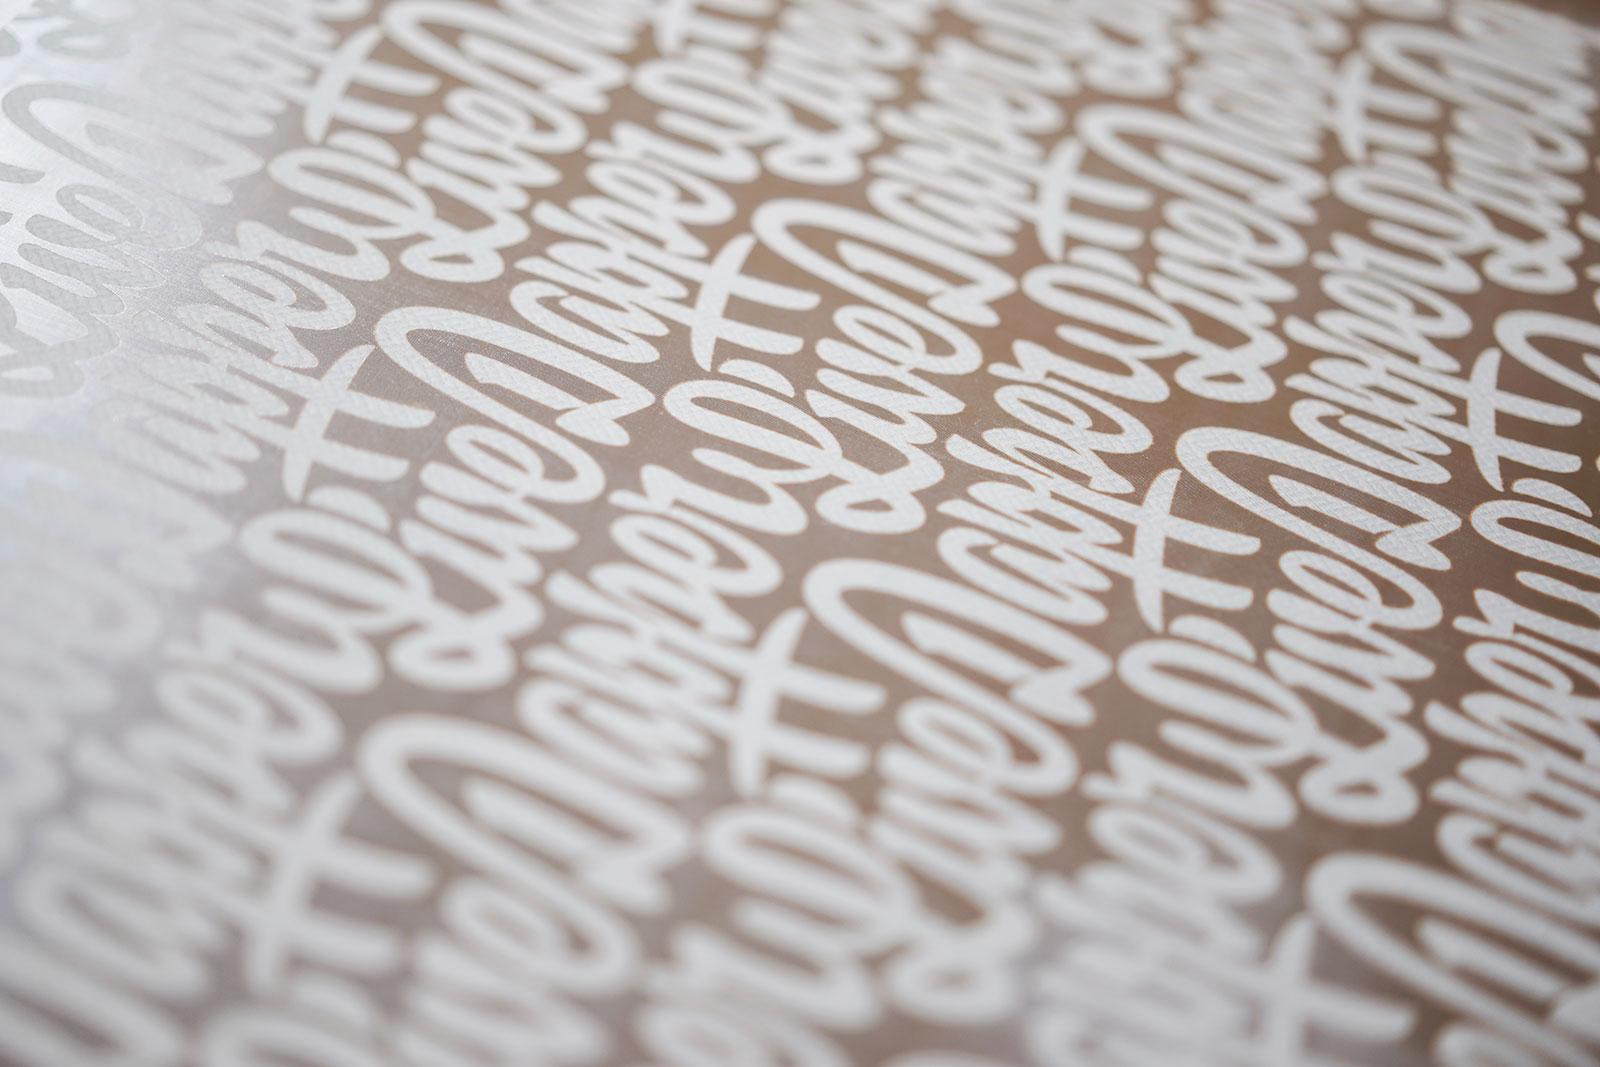 lookbook-screenprinting-with-white-ink.jpg